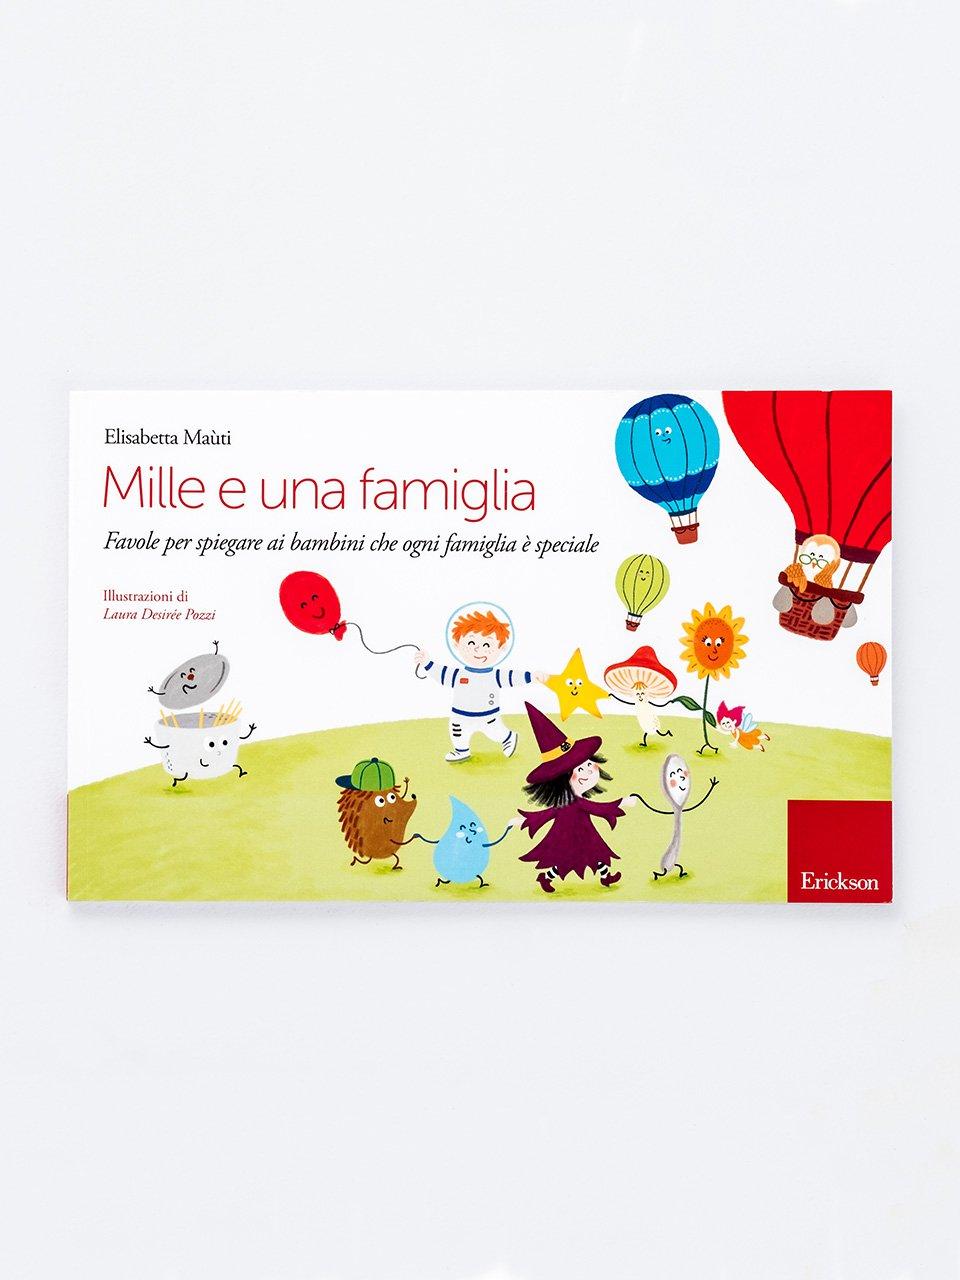 Mille e una famiglia - Raccontare storie aiuta i bambini - Libri - Erickson